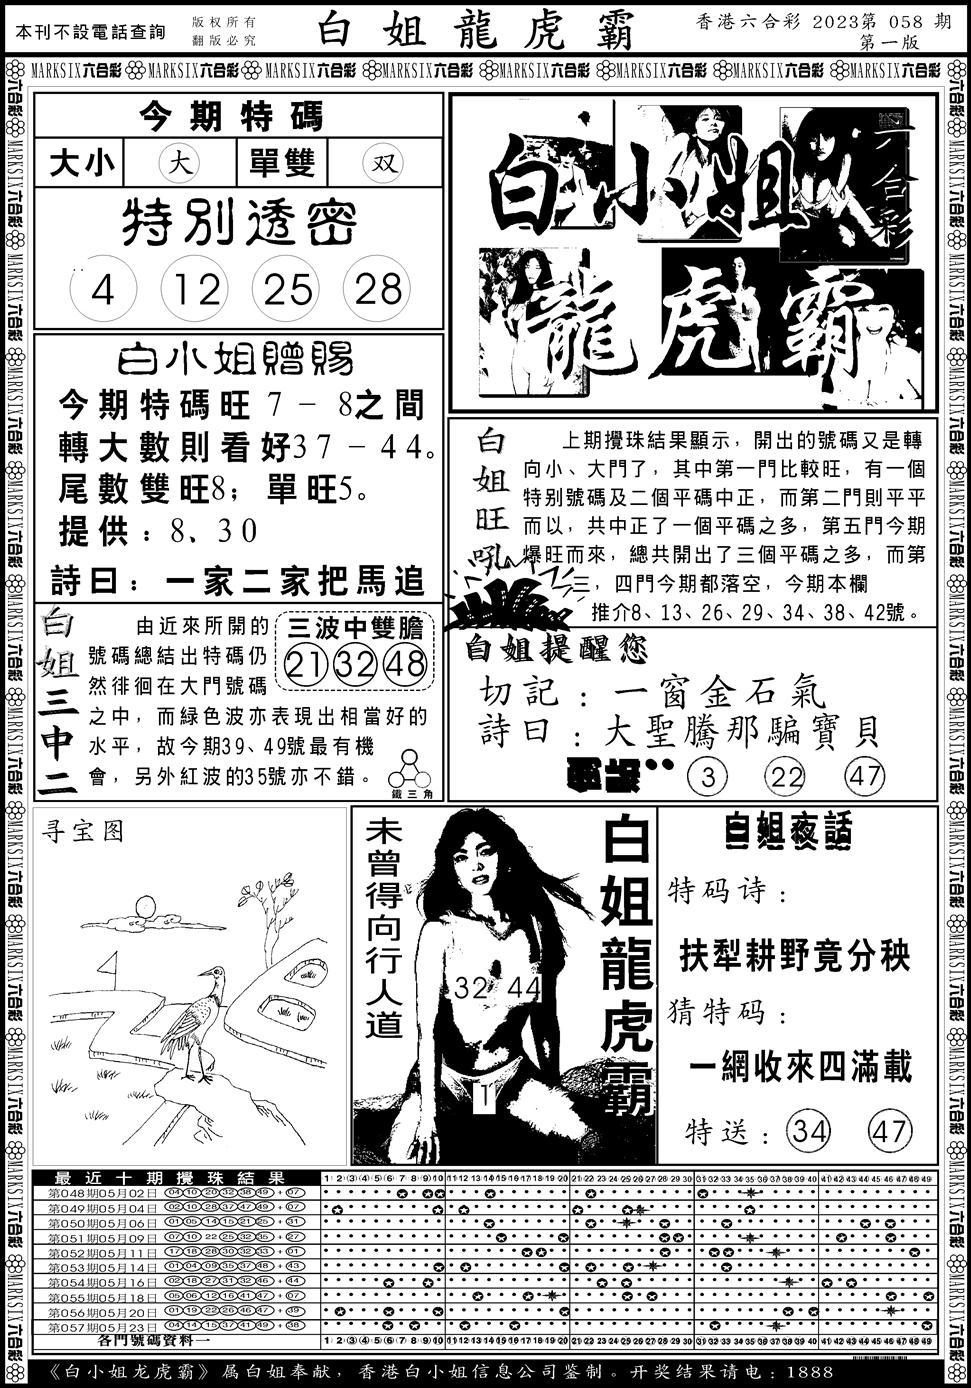 058期白小姐龙虎斗A(黑白)